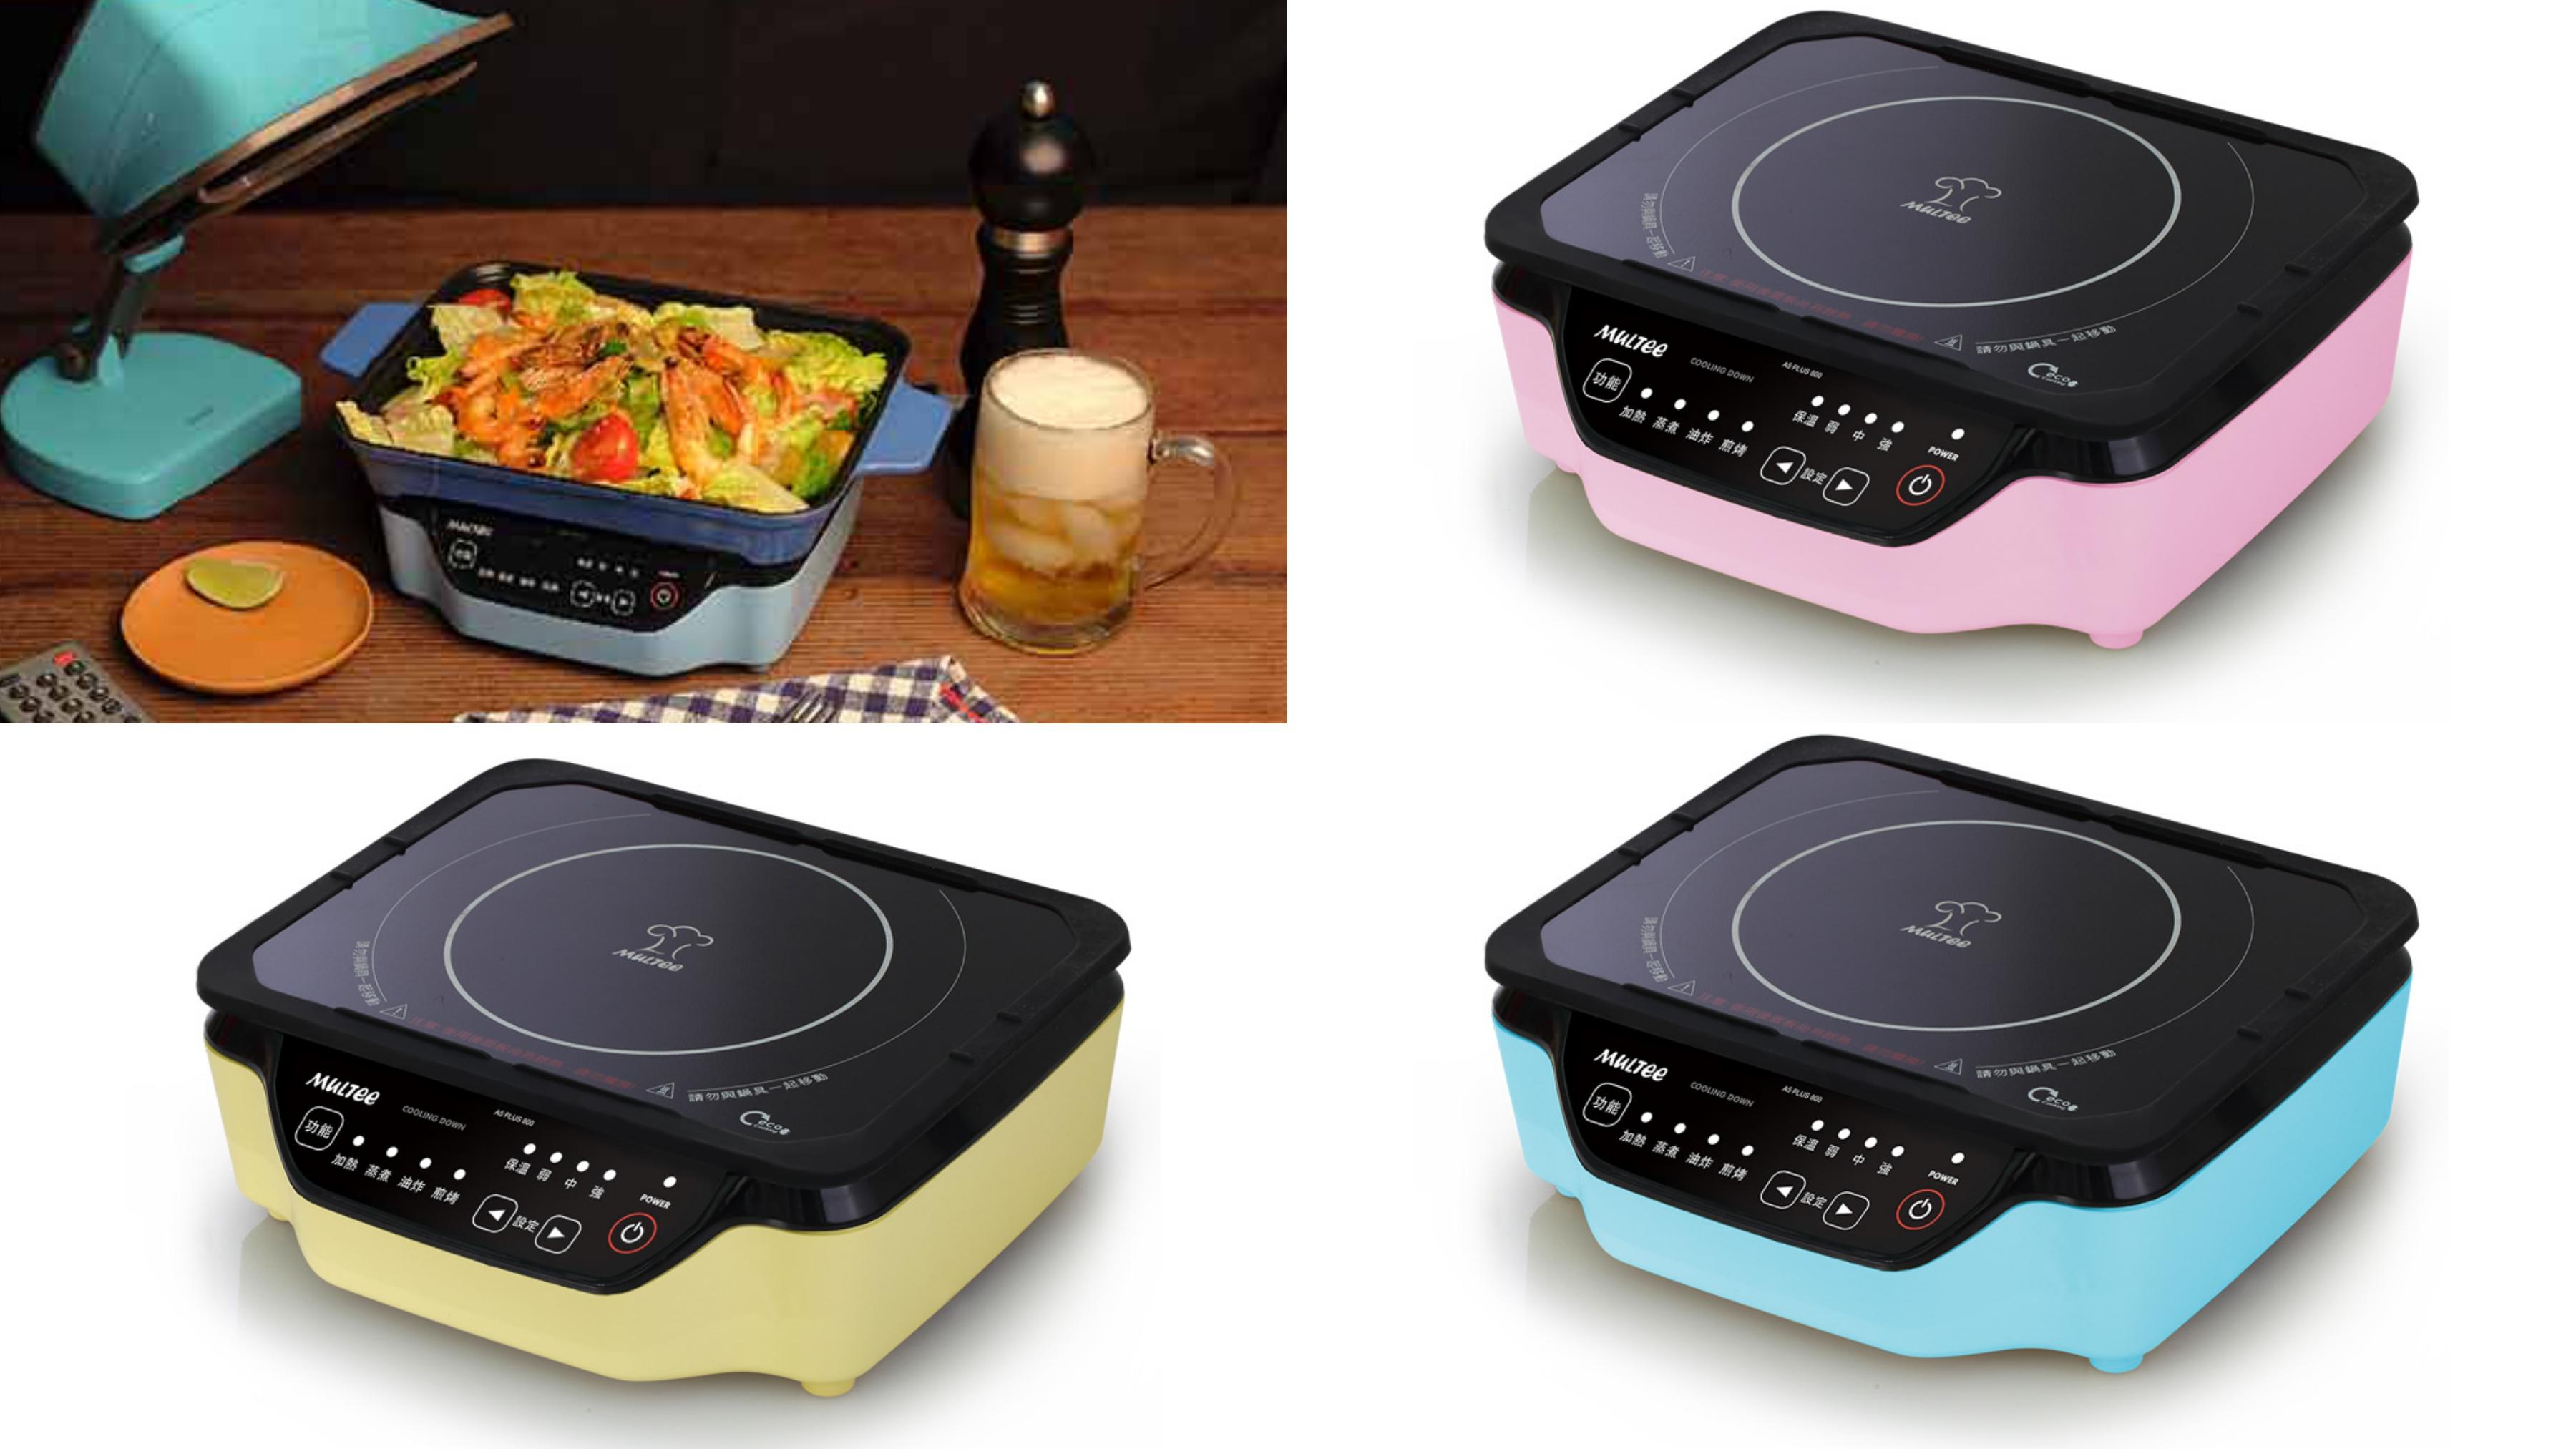 迷你輕巧,只佔餐桌A5大小,火力800W,節能烹飪甜蜜款。